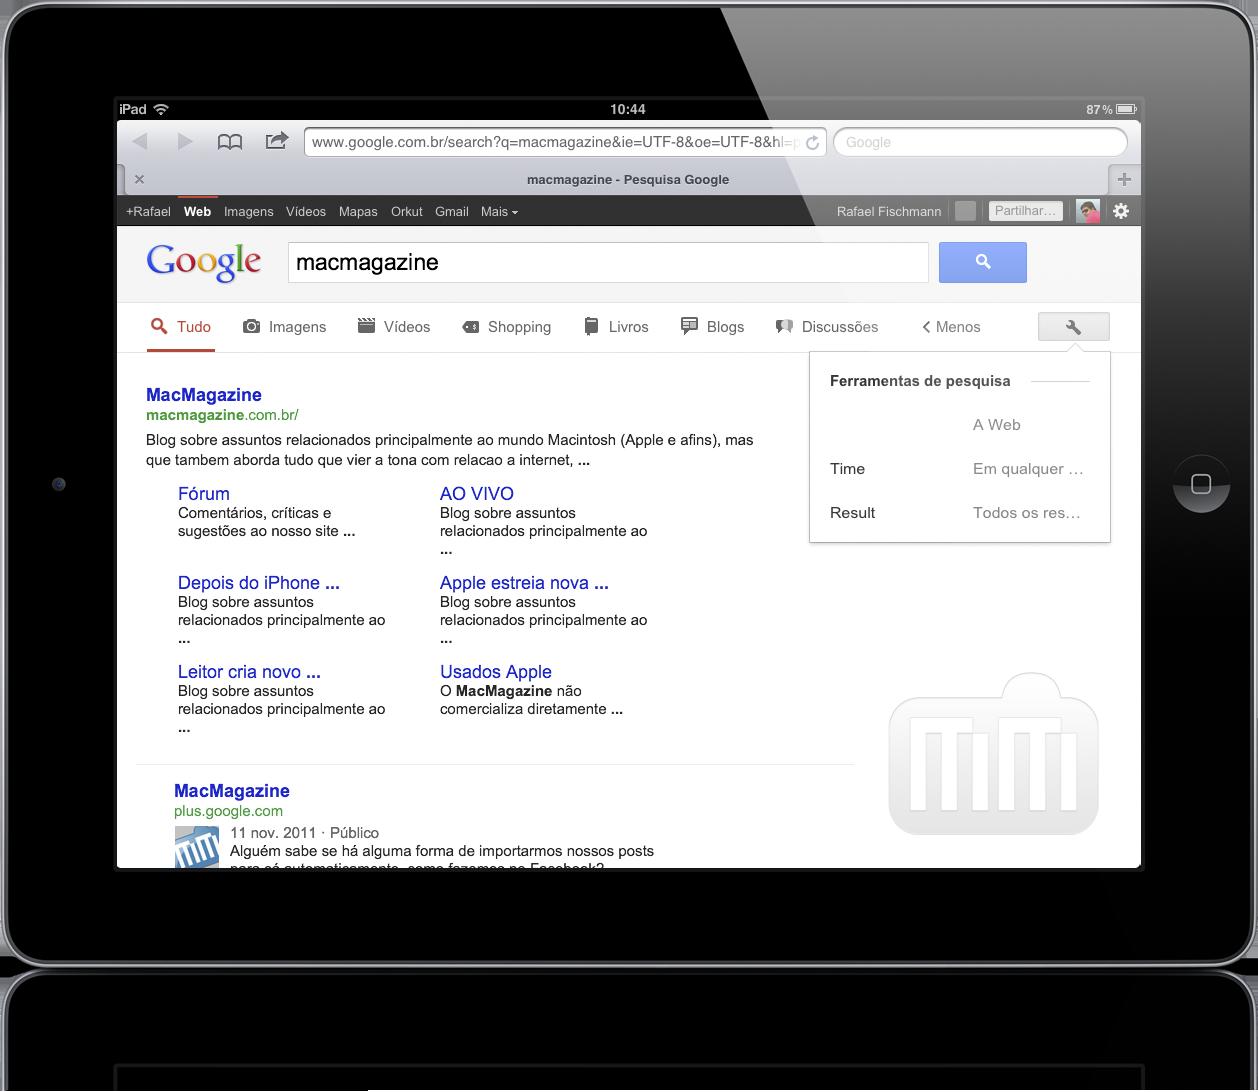 Interface de buscas do Google no iPad